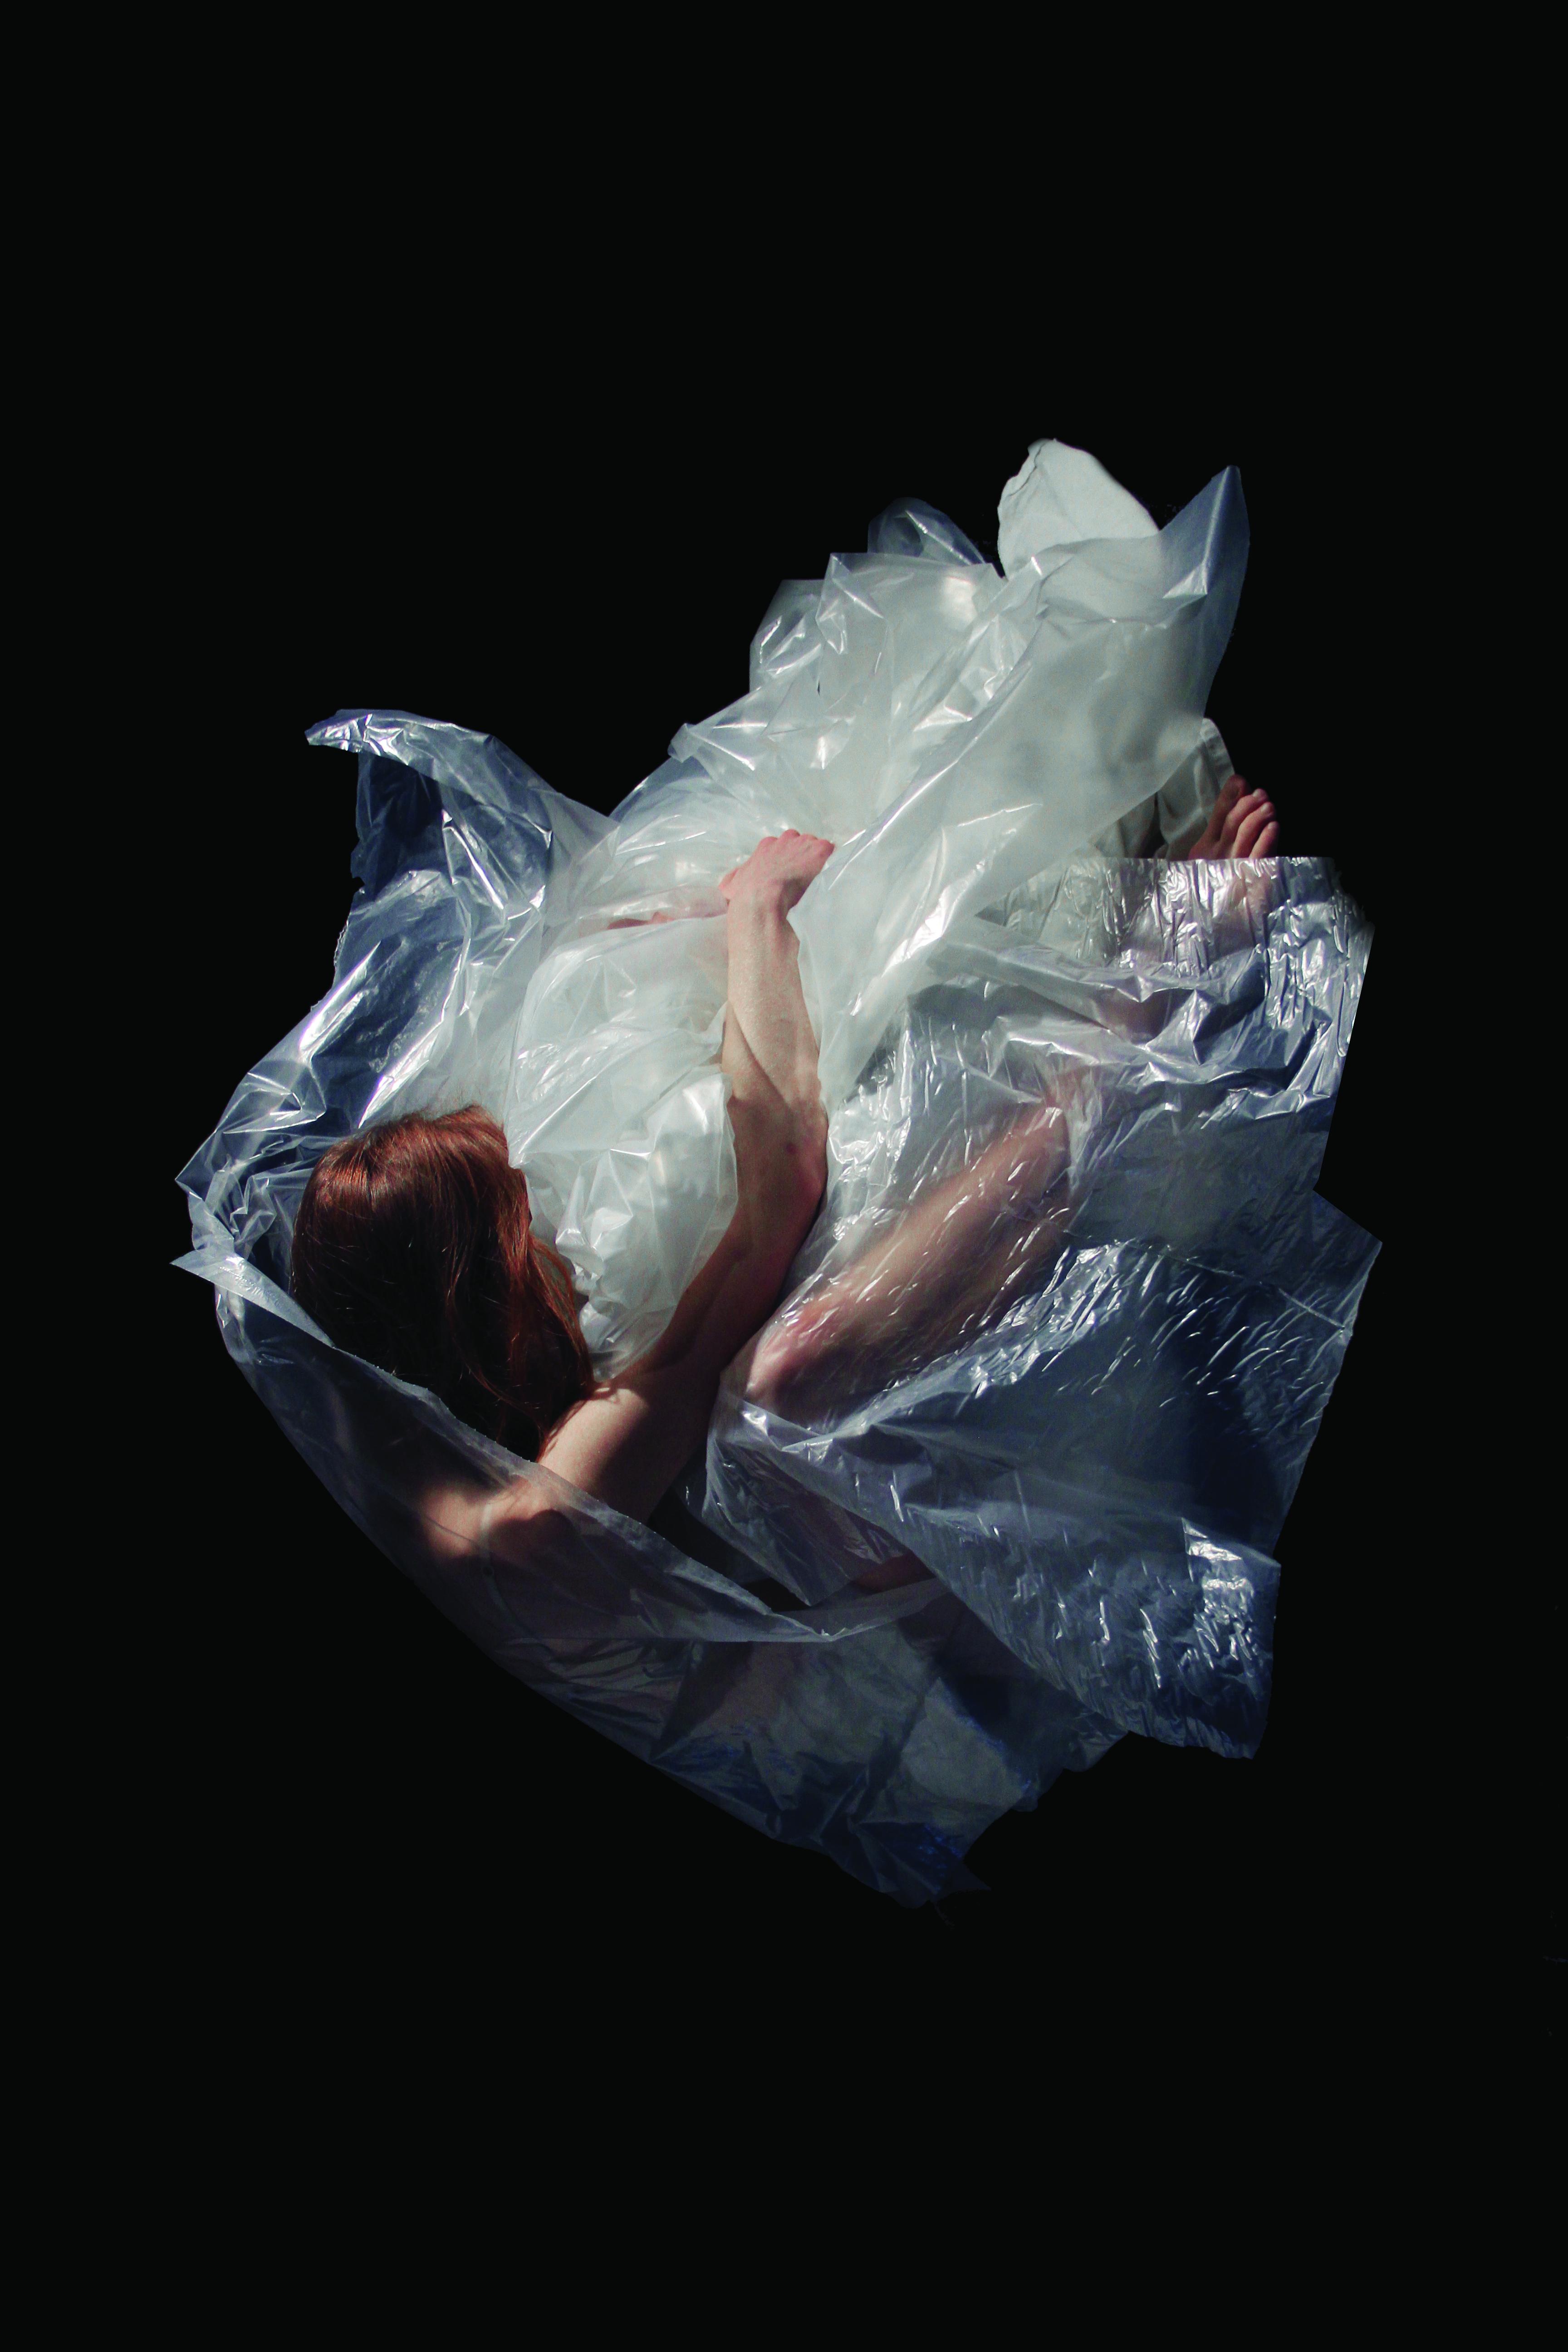 Naken kvinna rullar runt i plast.